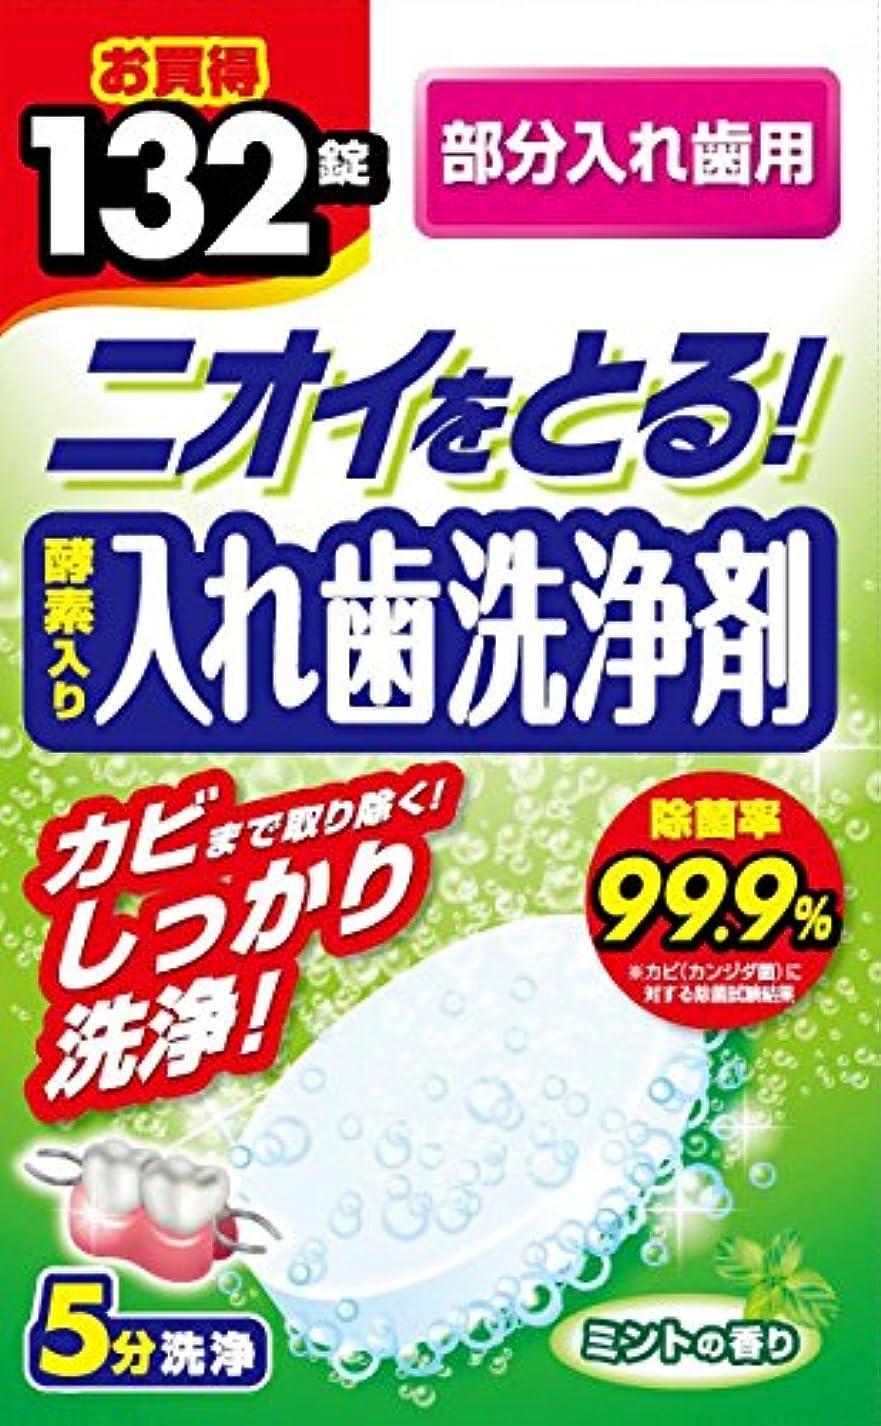 触手スノーケル快い酵素入り入れ歯洗浄剤 部分入れ歯用 132錠入